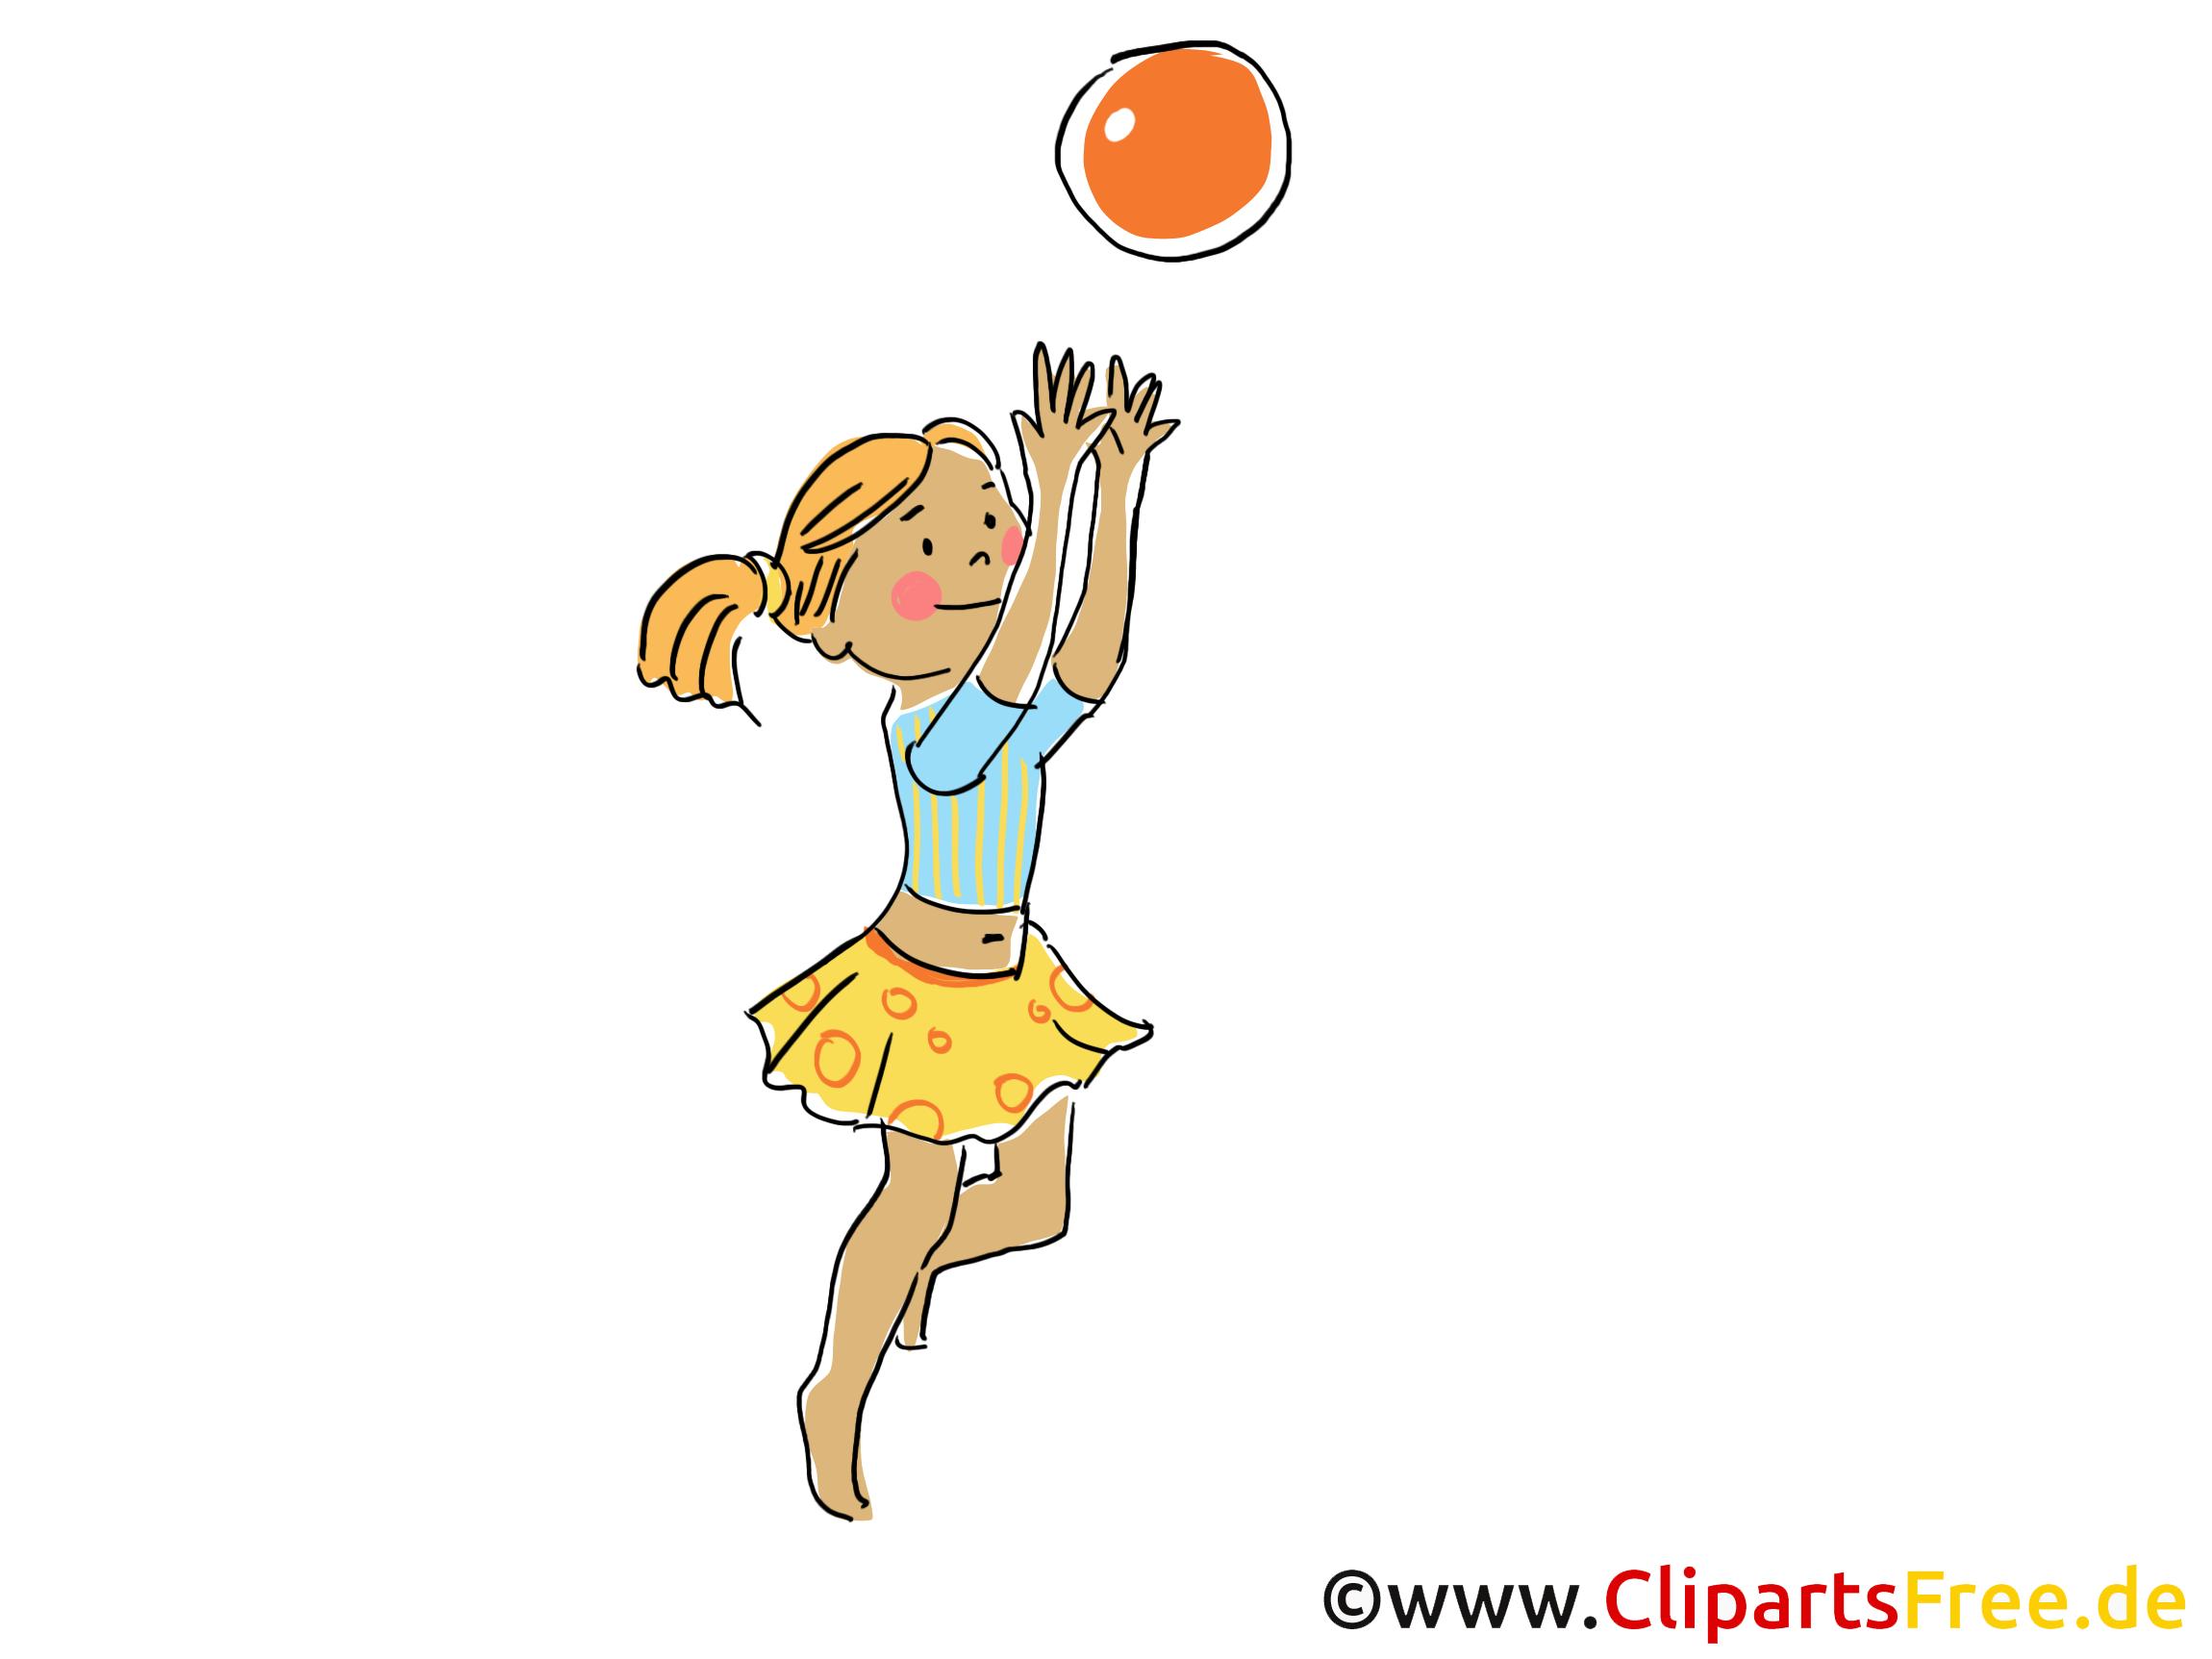 M dchen spielt volleyball clipart bild cartoon comic grafik - Grafik weihnachten kostenlos ...